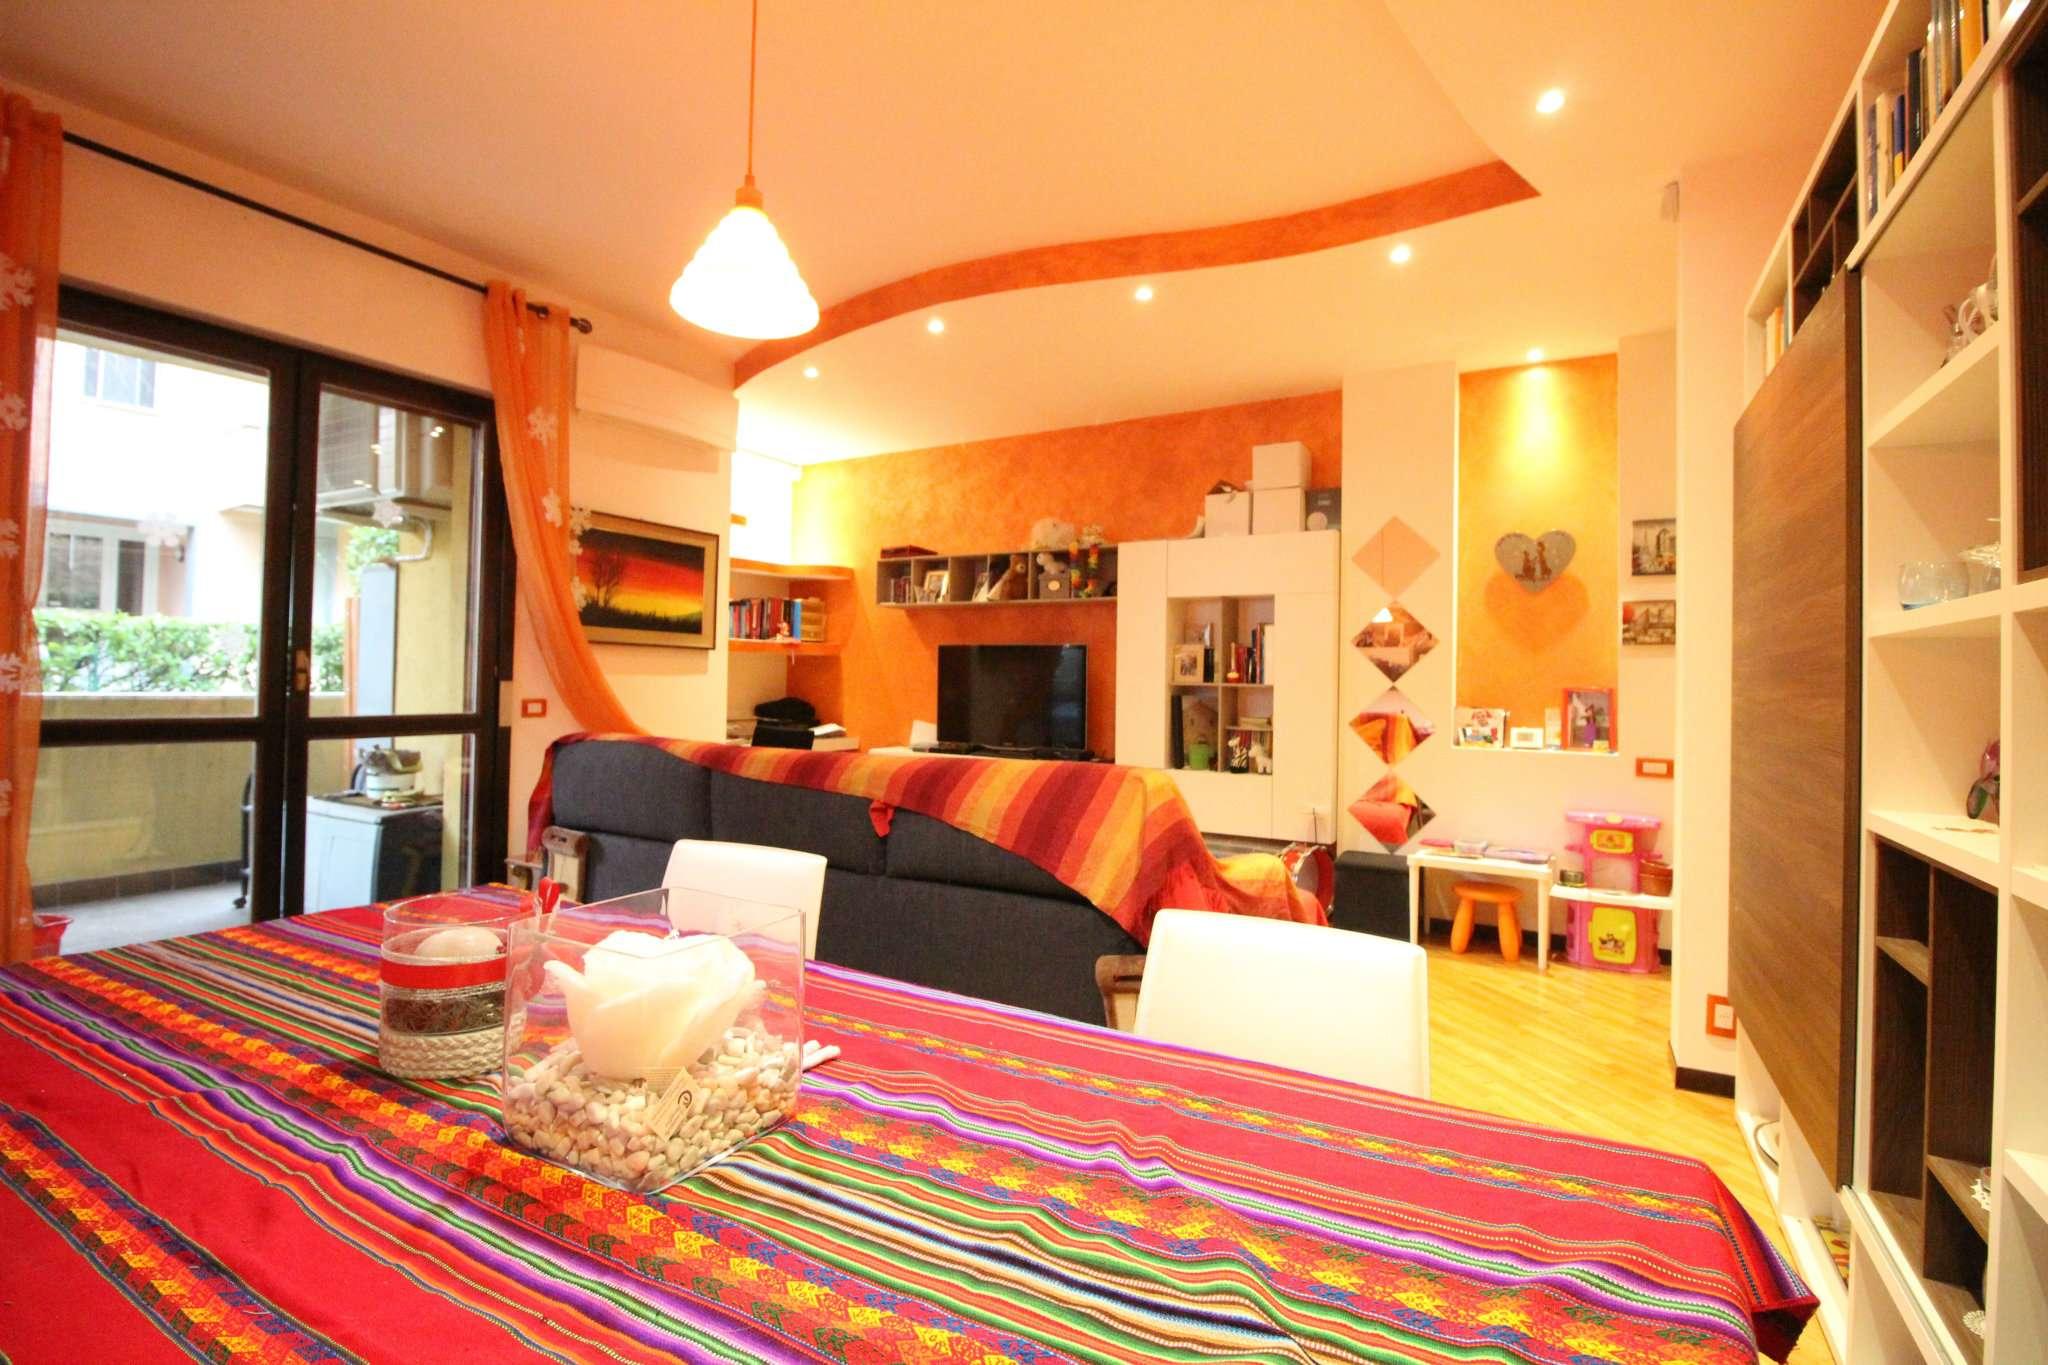 Appartamento in vendita a Merate, 3 locali, prezzo € 229.000 | PortaleAgenzieImmobiliari.it